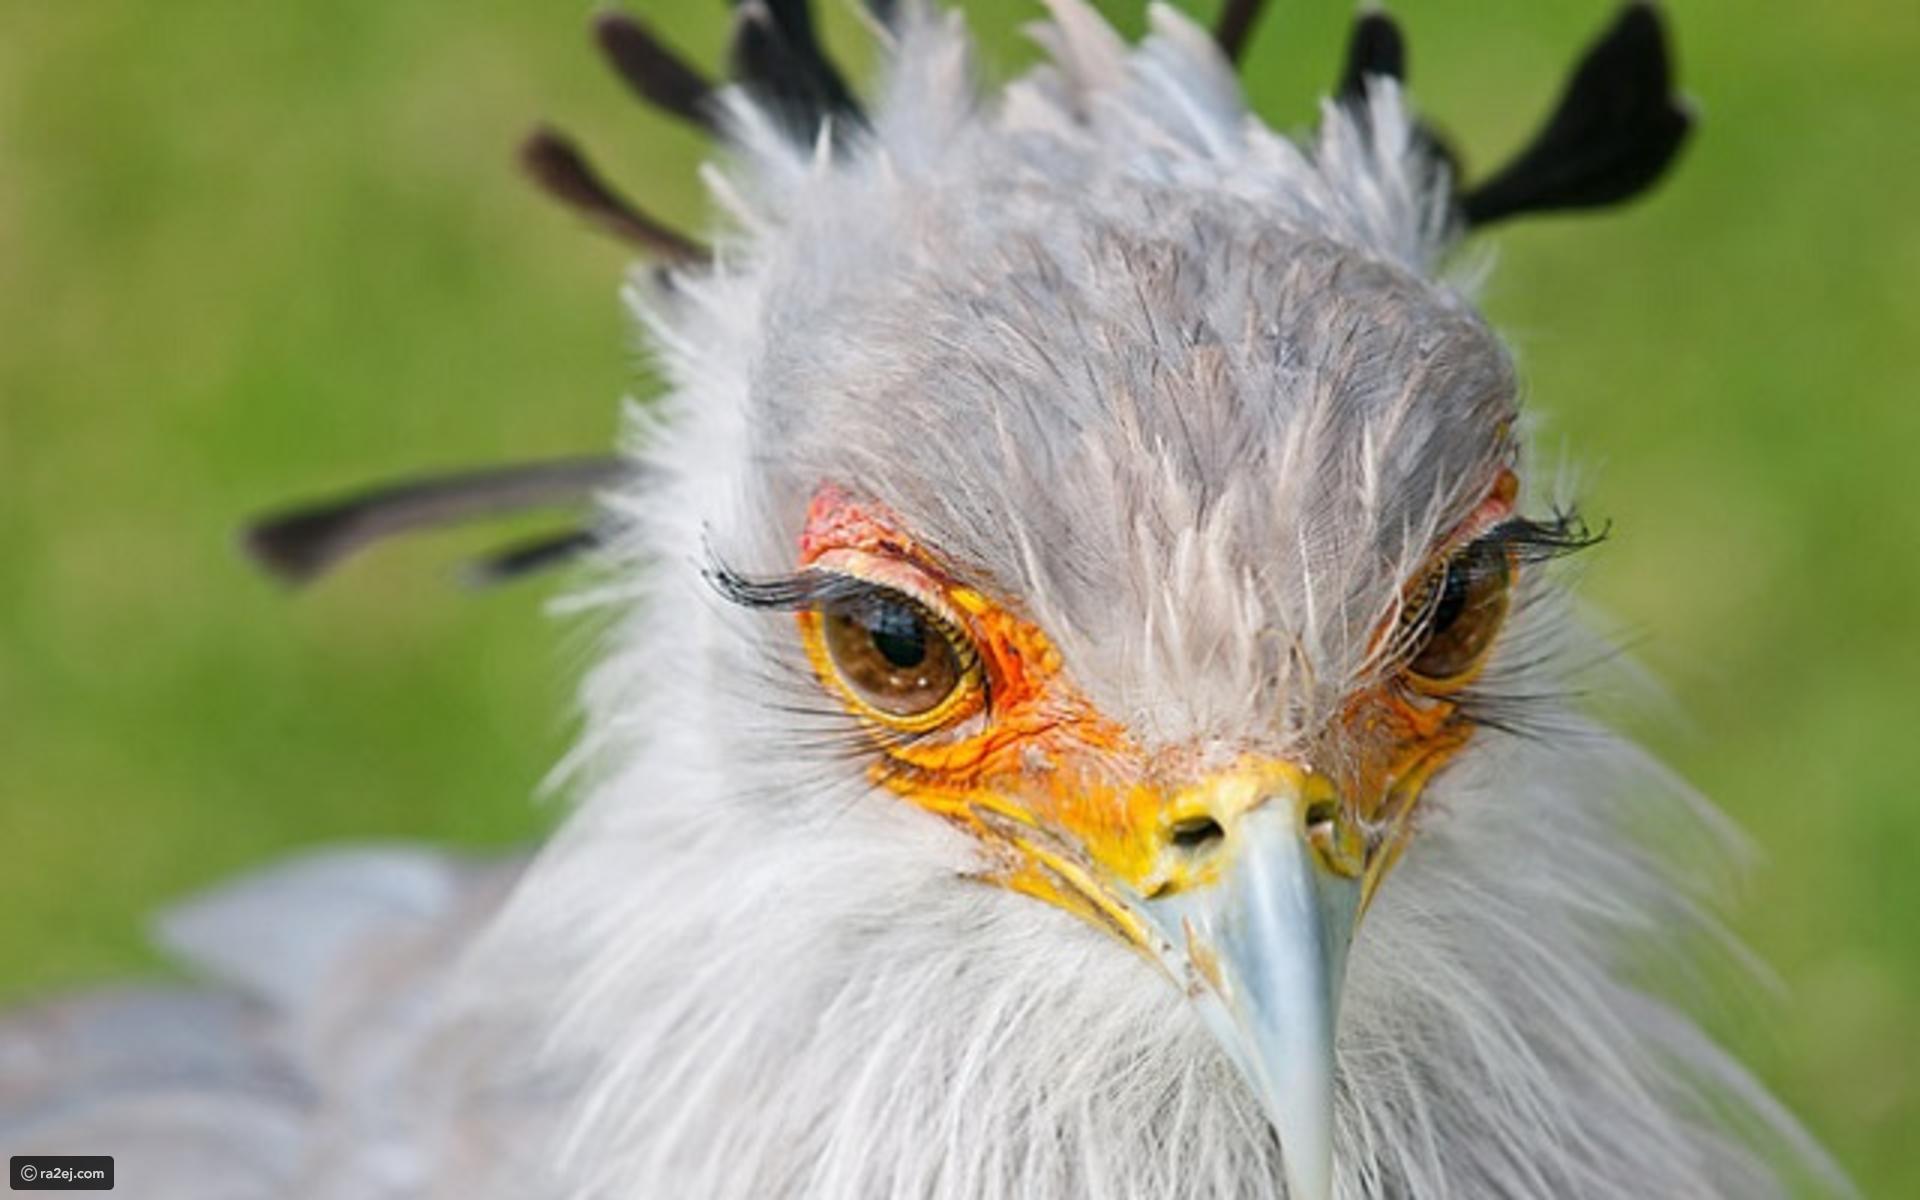 بالصور اجمل الطيور في العالم , اغرب الطيور الموجوده فالعالم 3614